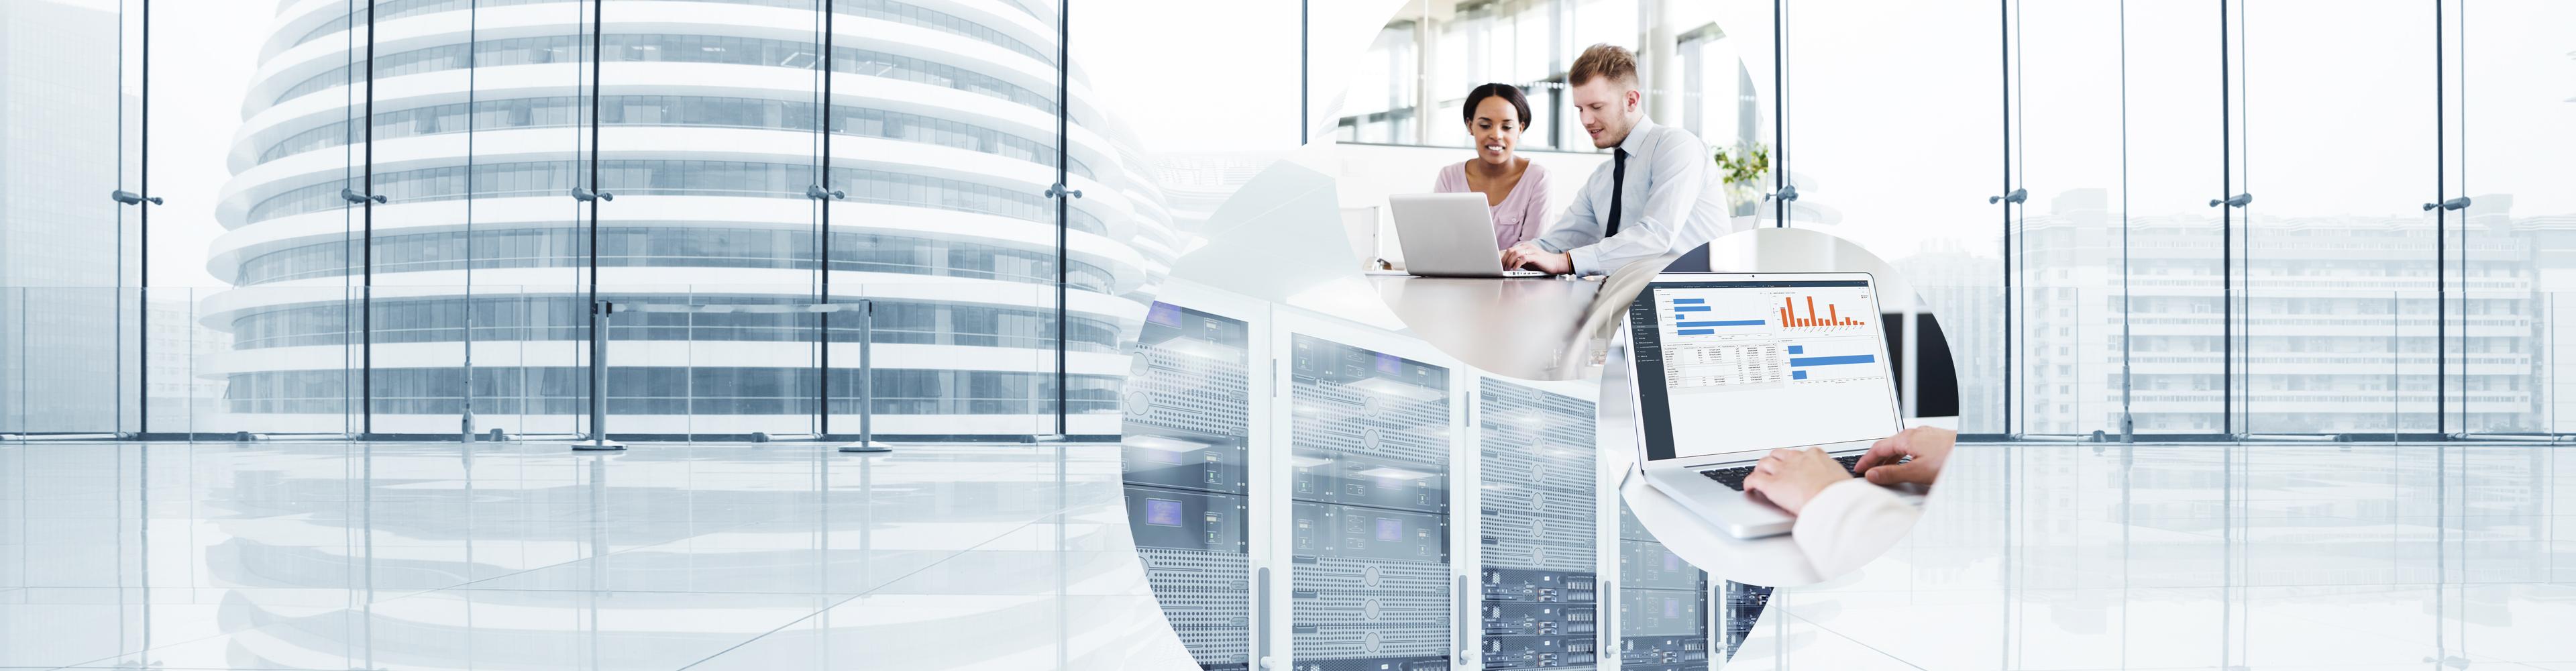 valantic-sap-services-enterprise-resource-planning-1